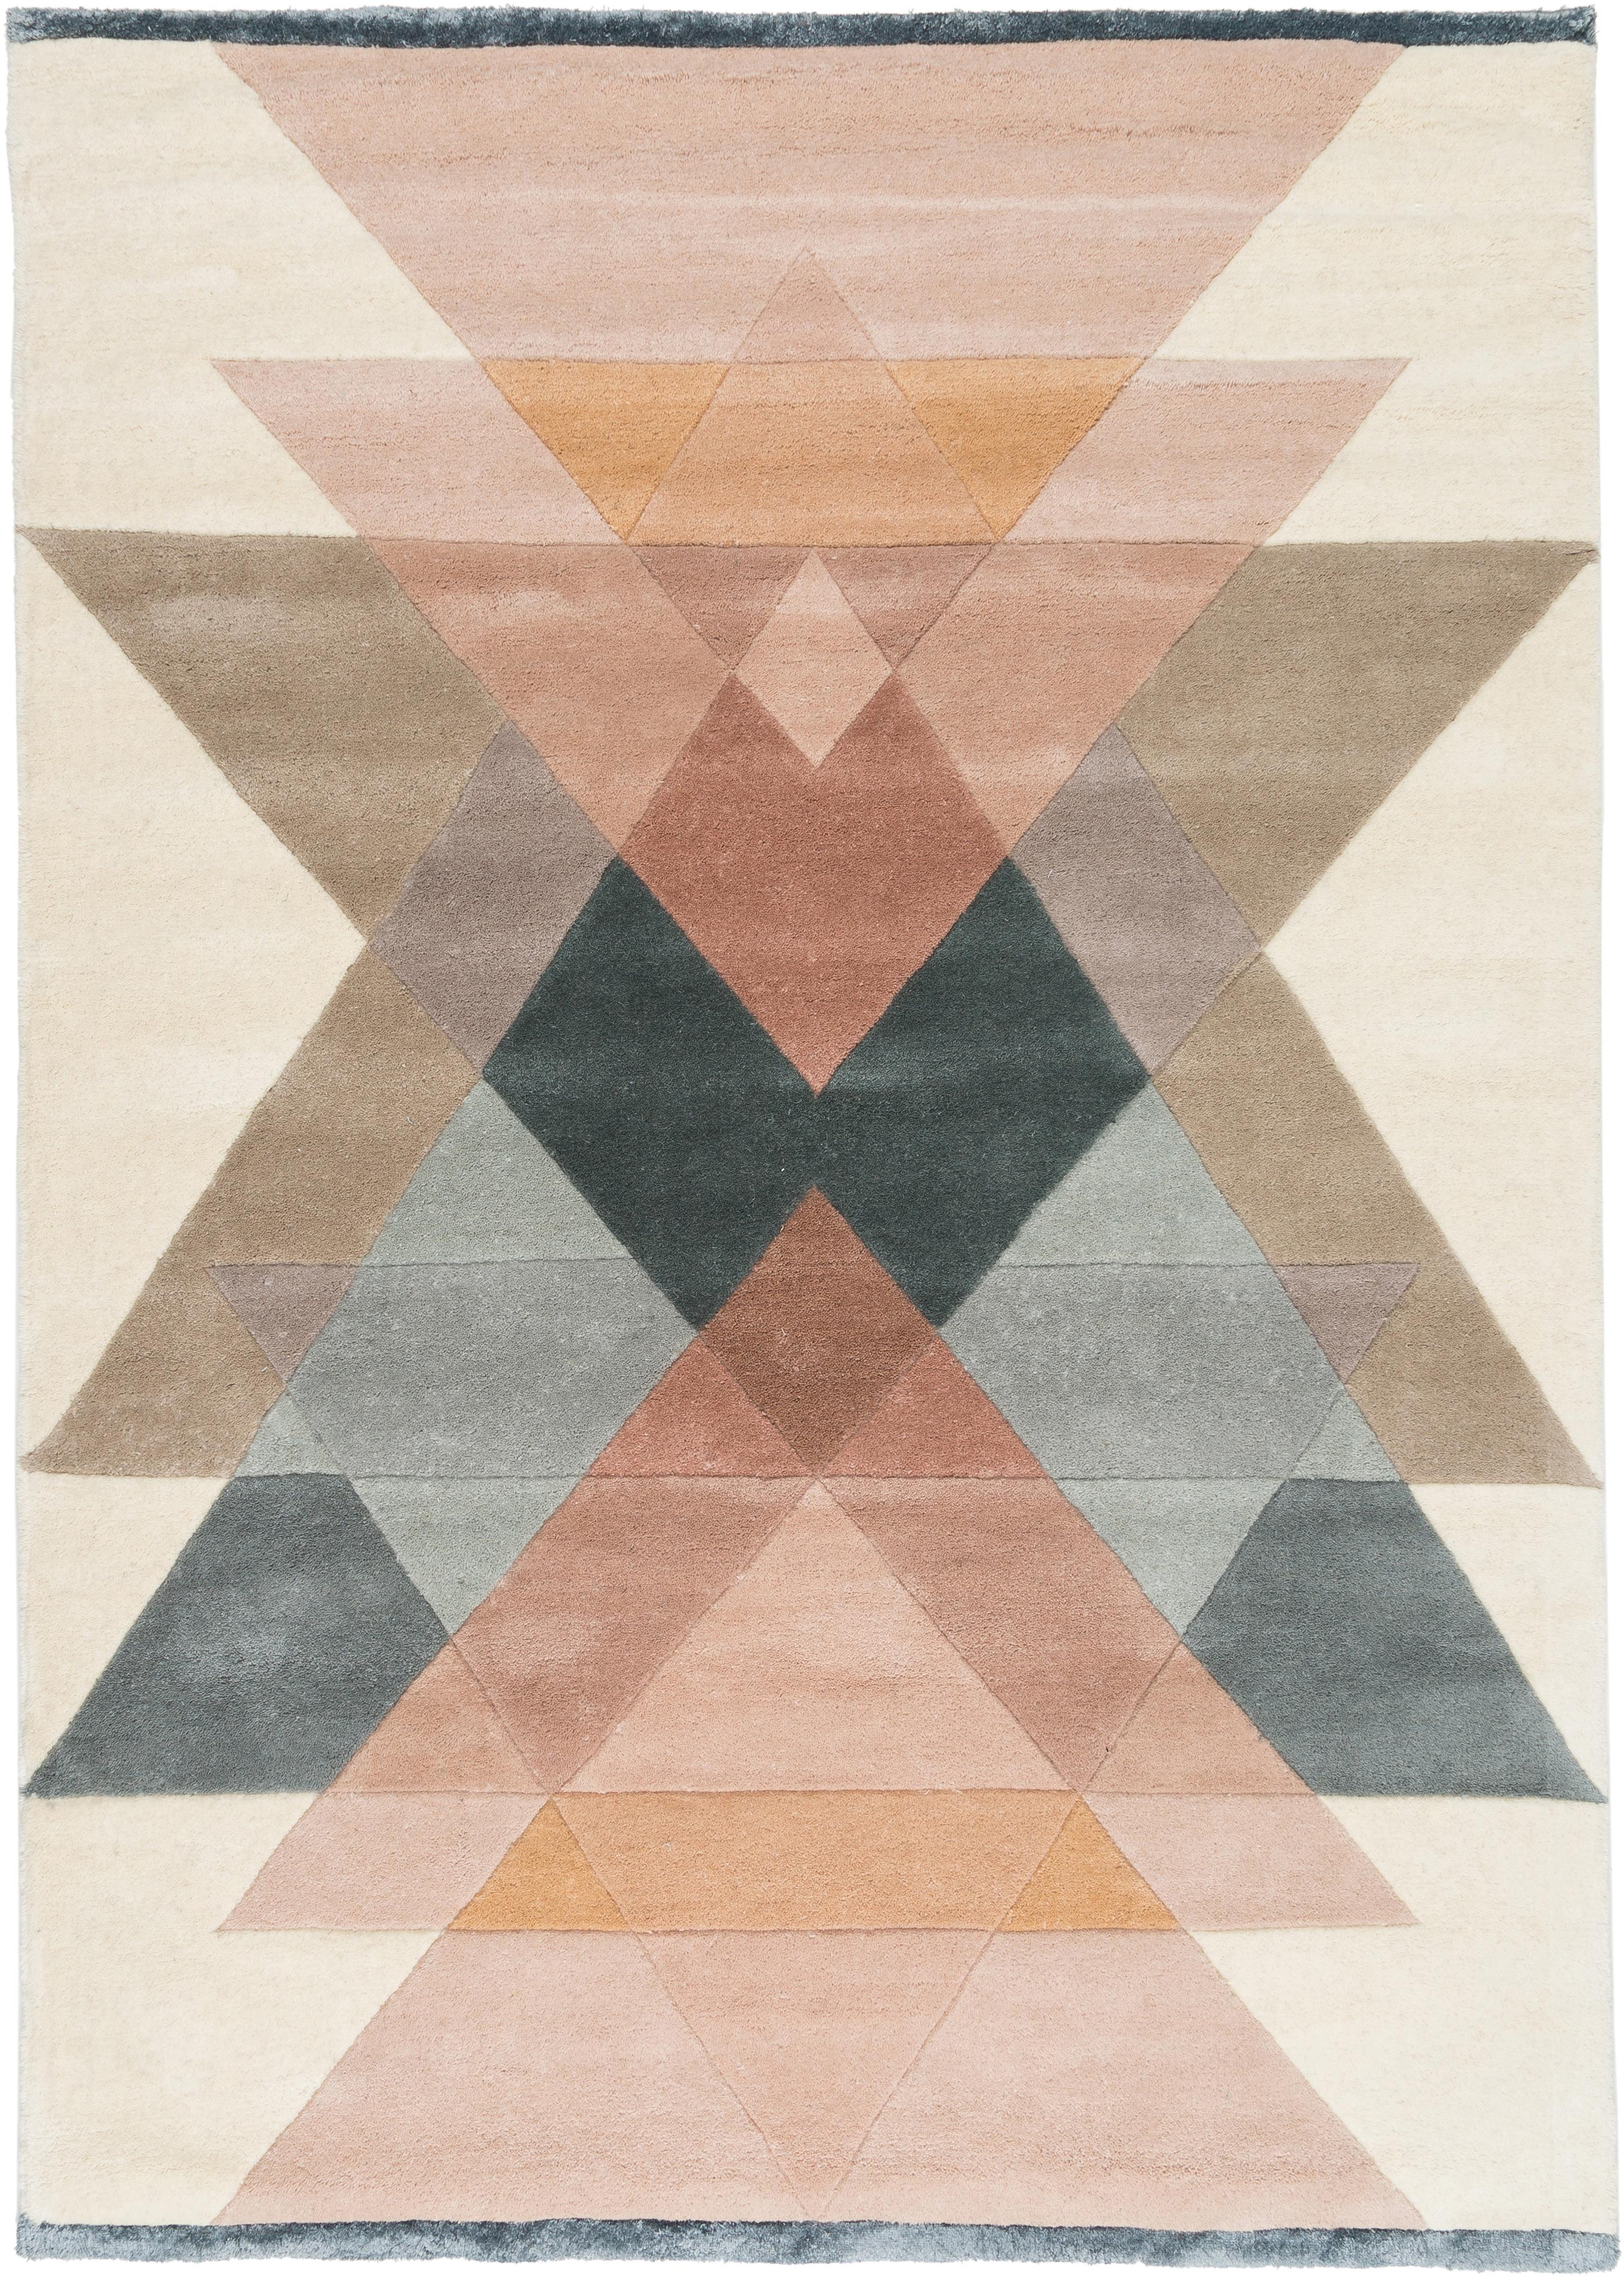 Tappeto in lana taftato a mano Freya, Retro: cotone, Beige, rosa, blu grigio, Larg.170 x Lung. 240 cm  (taglia M)